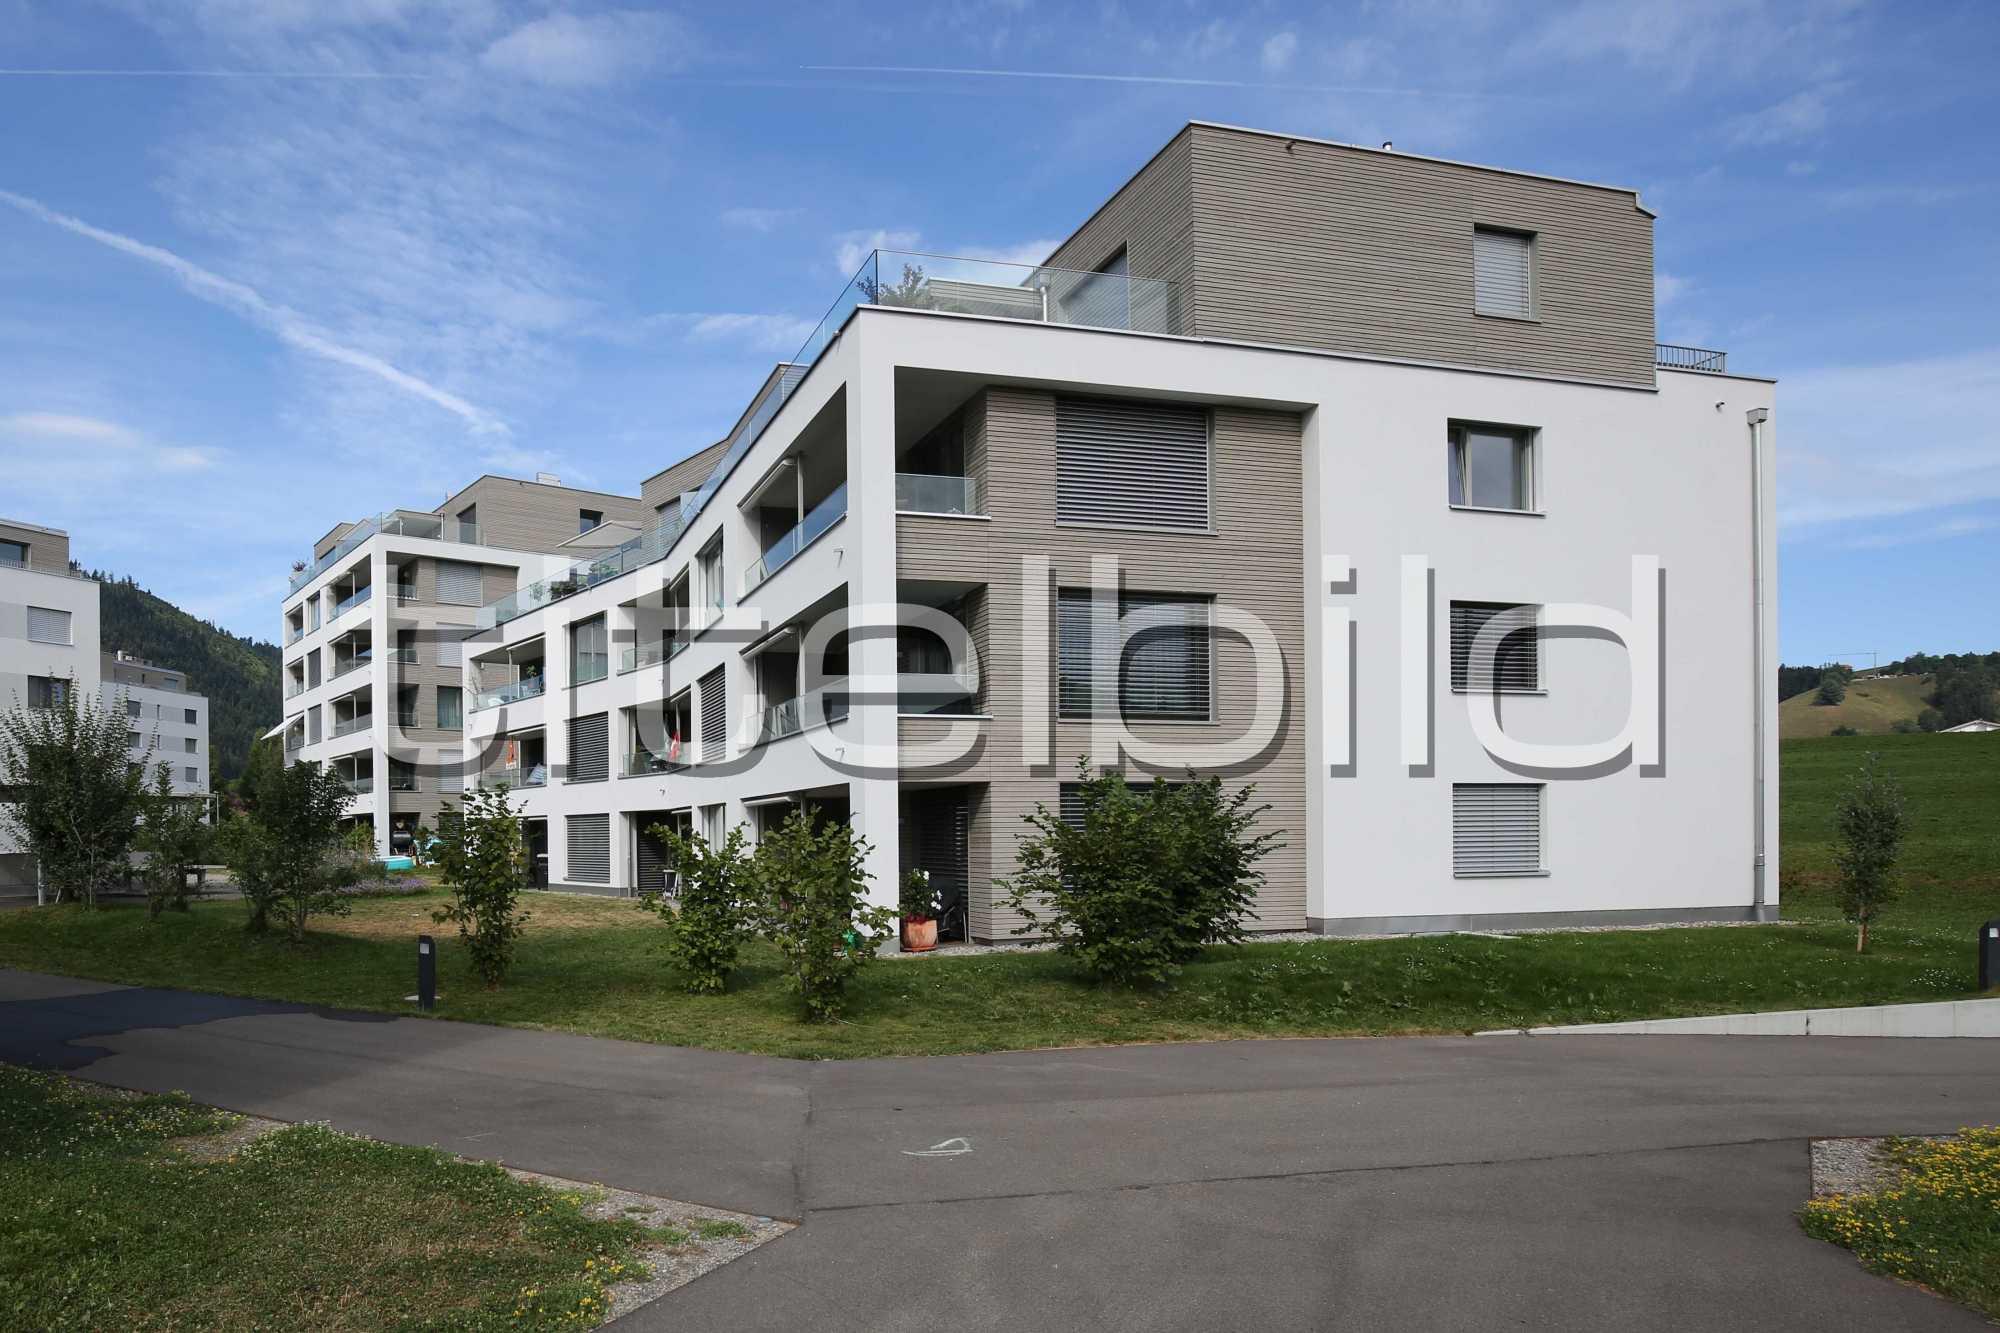 Projektbild-Nr. 4: Überbauung Obere Allmeind, 8840 Einsiedeln